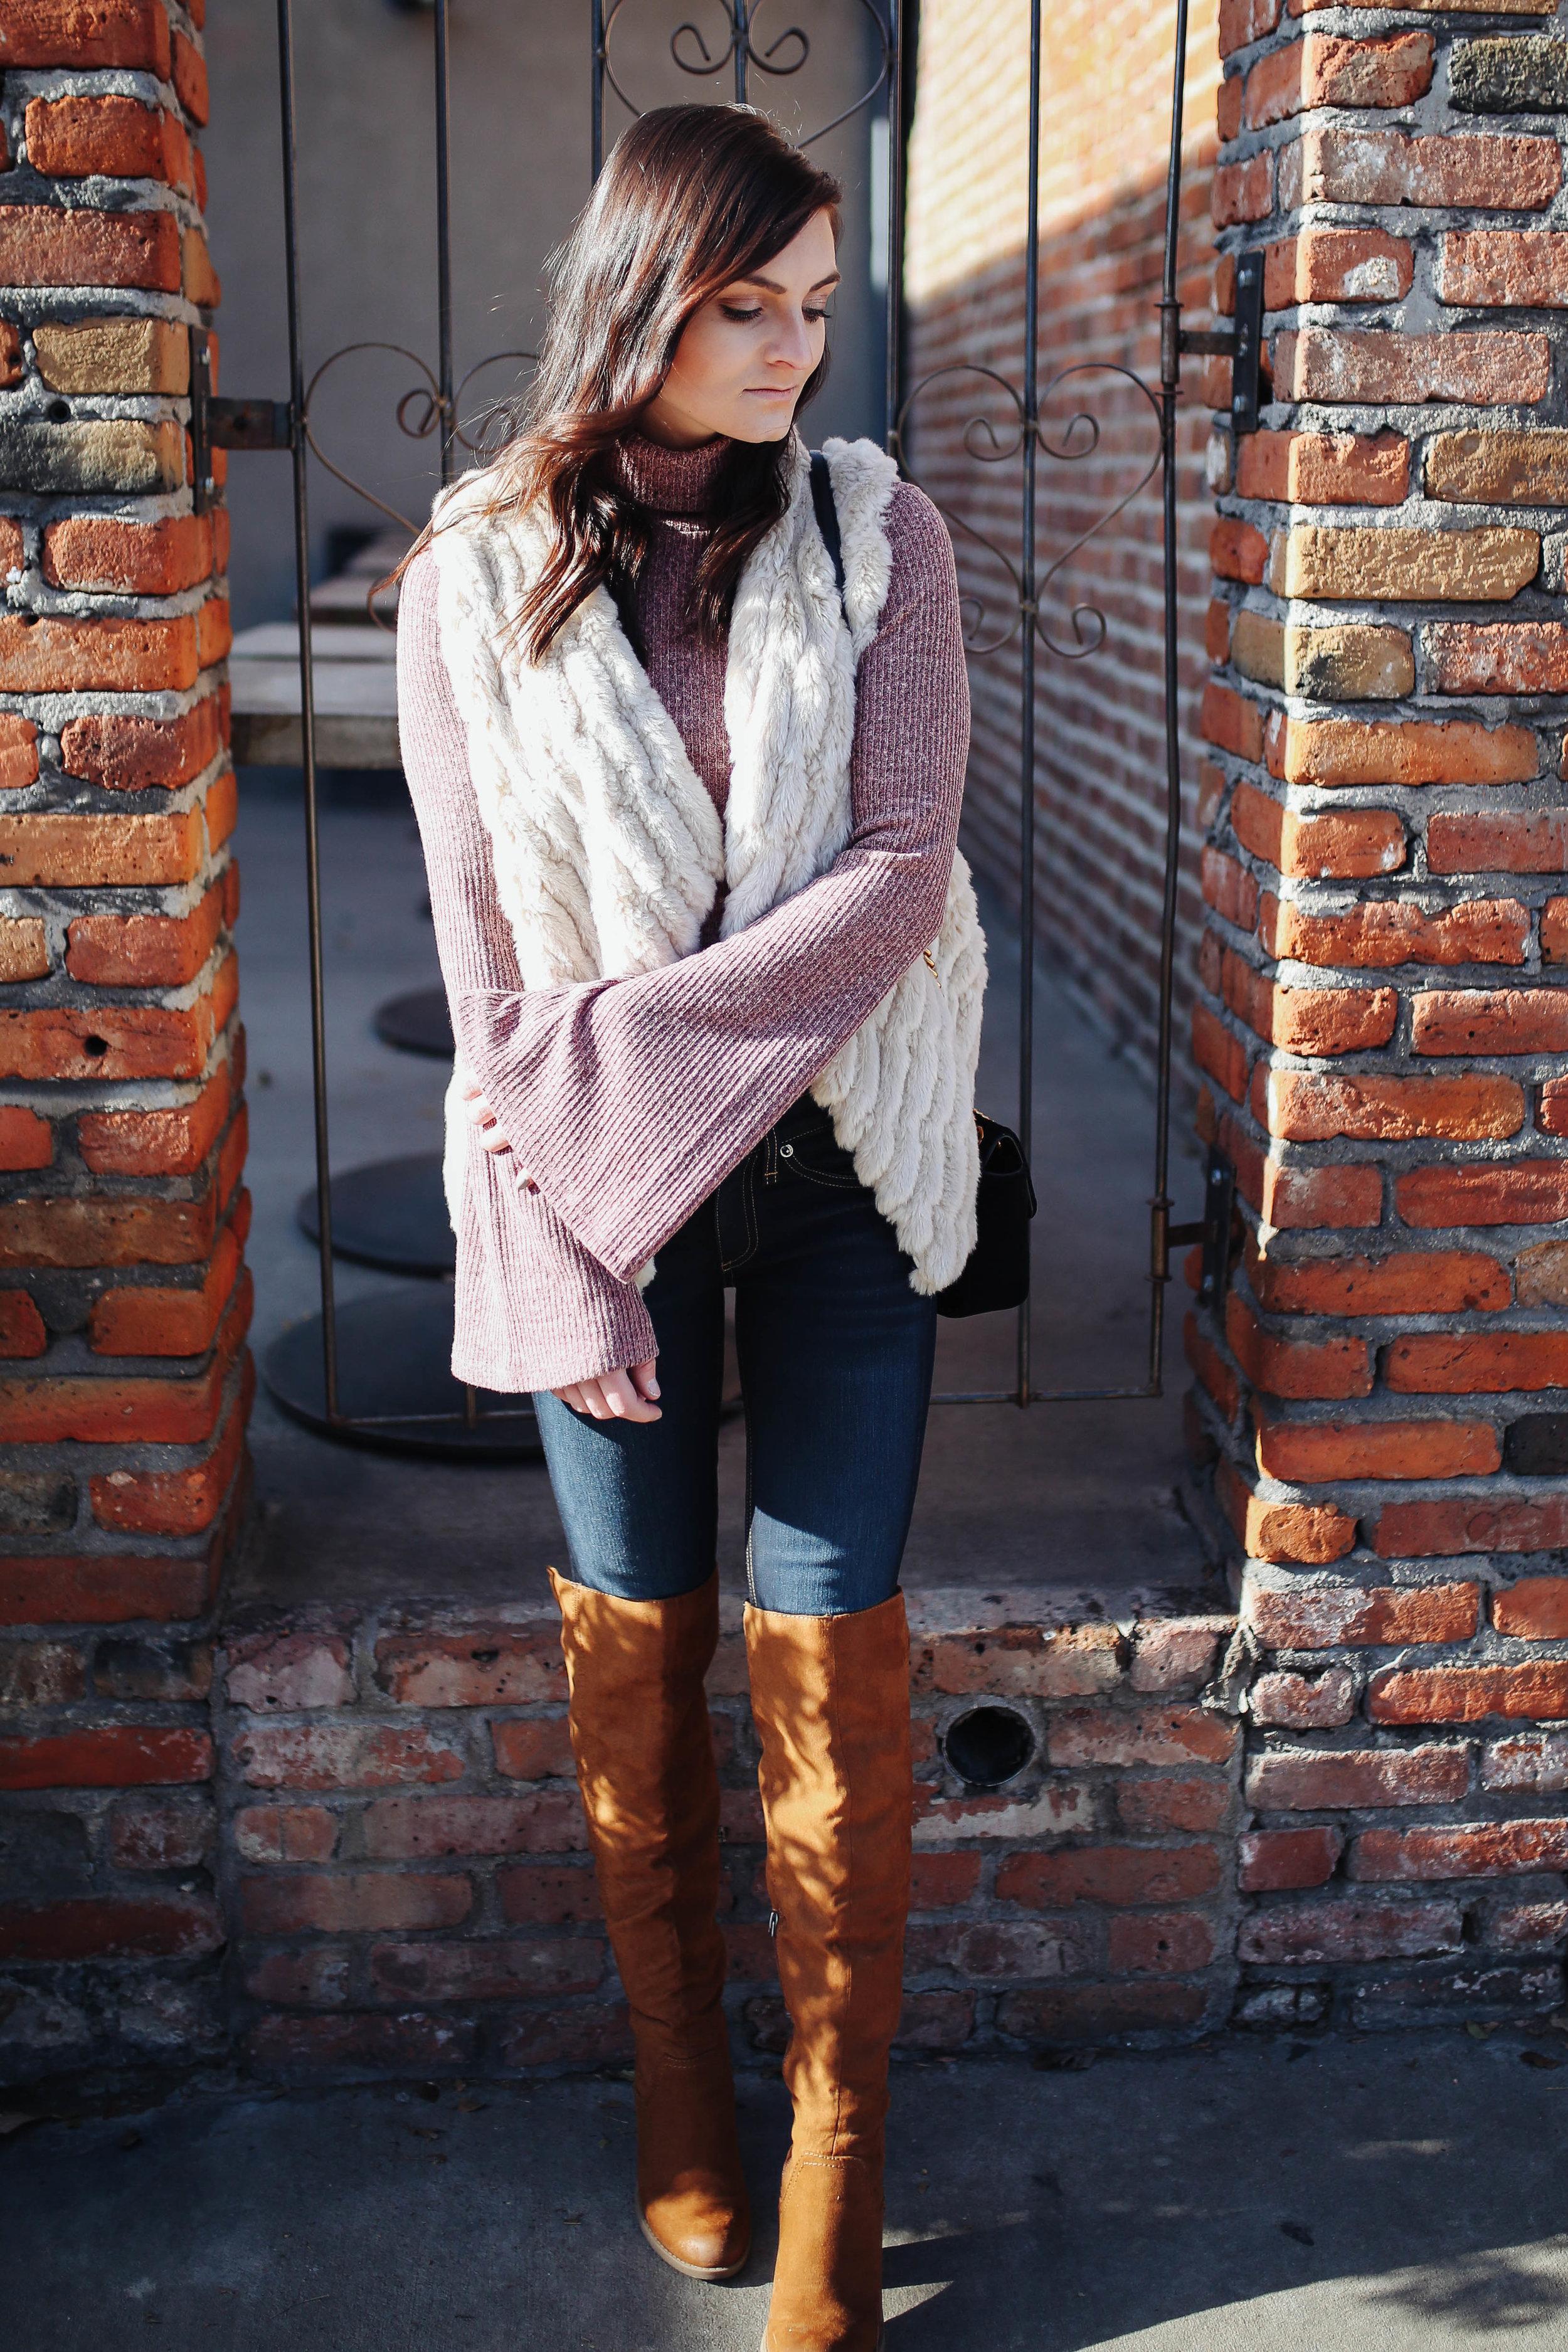 """<img src = """"bell-sleeves.jpg"""" alt = """"trending=bell=sleeves=otk=boots- bb dakota- keith-faux-fur-vest"""">"""